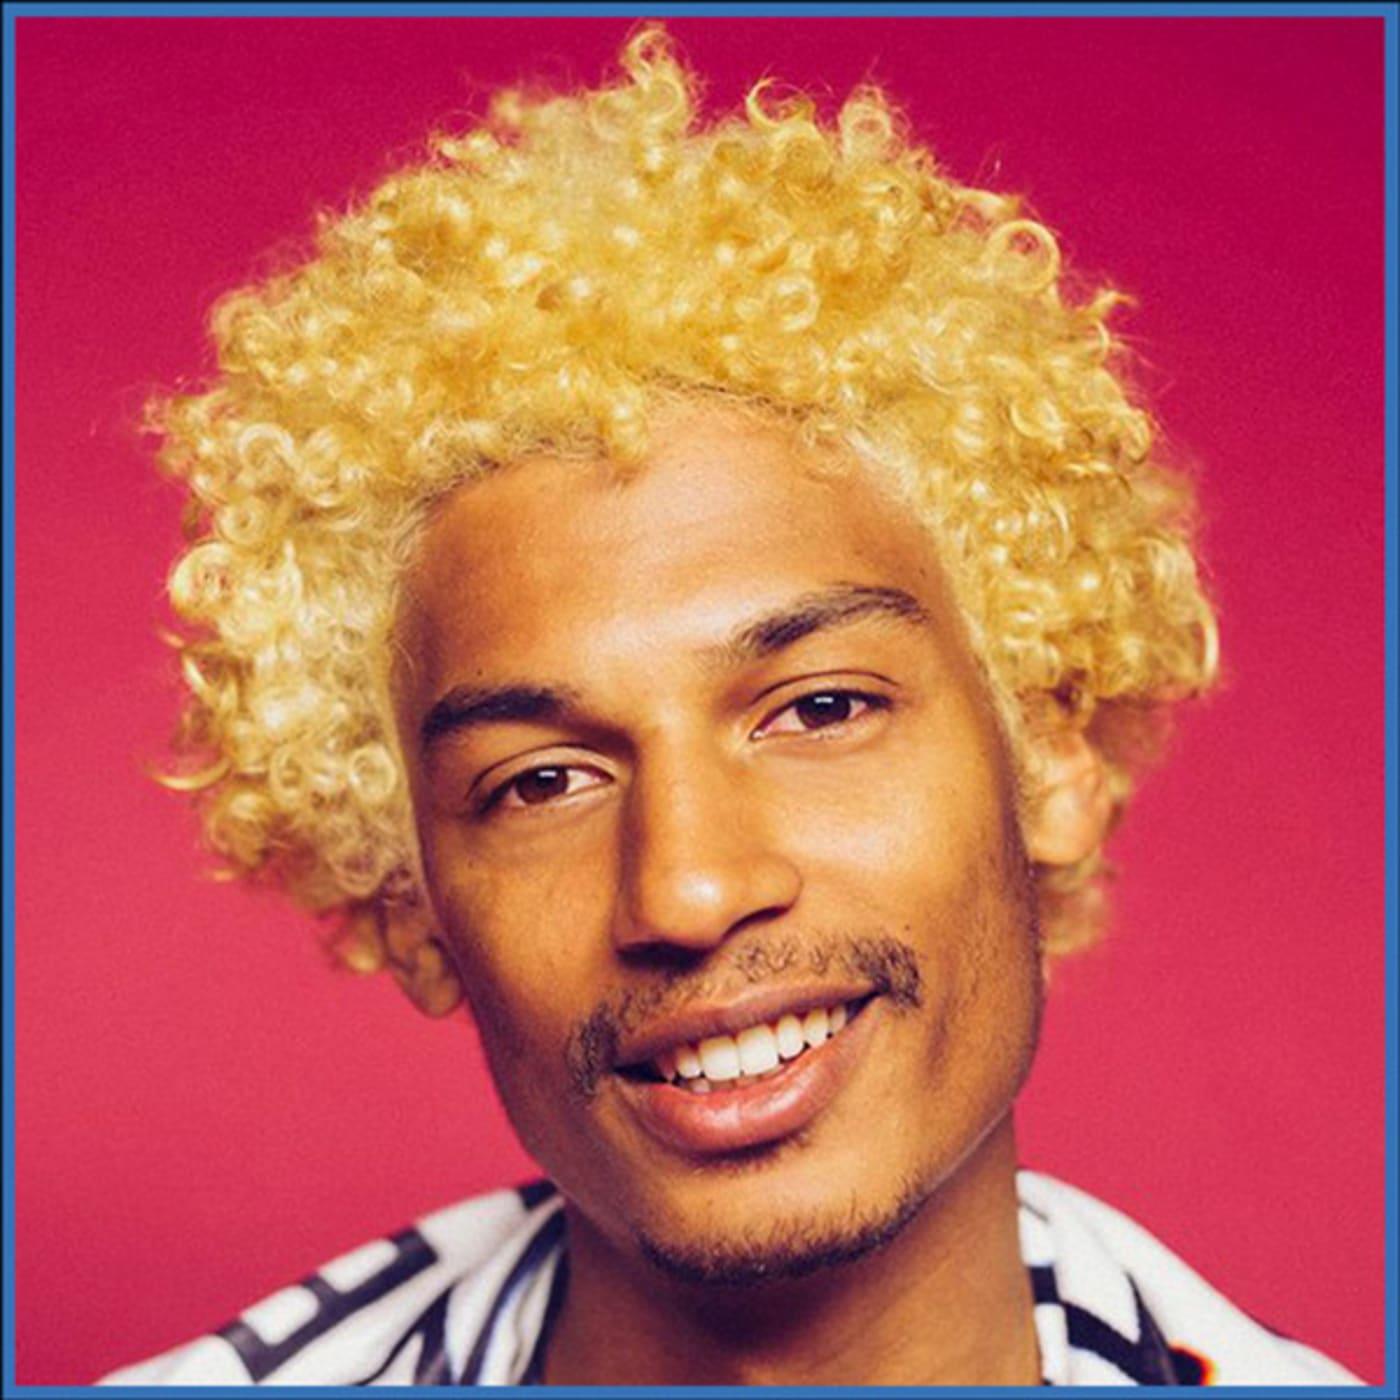 frank ocean blonded